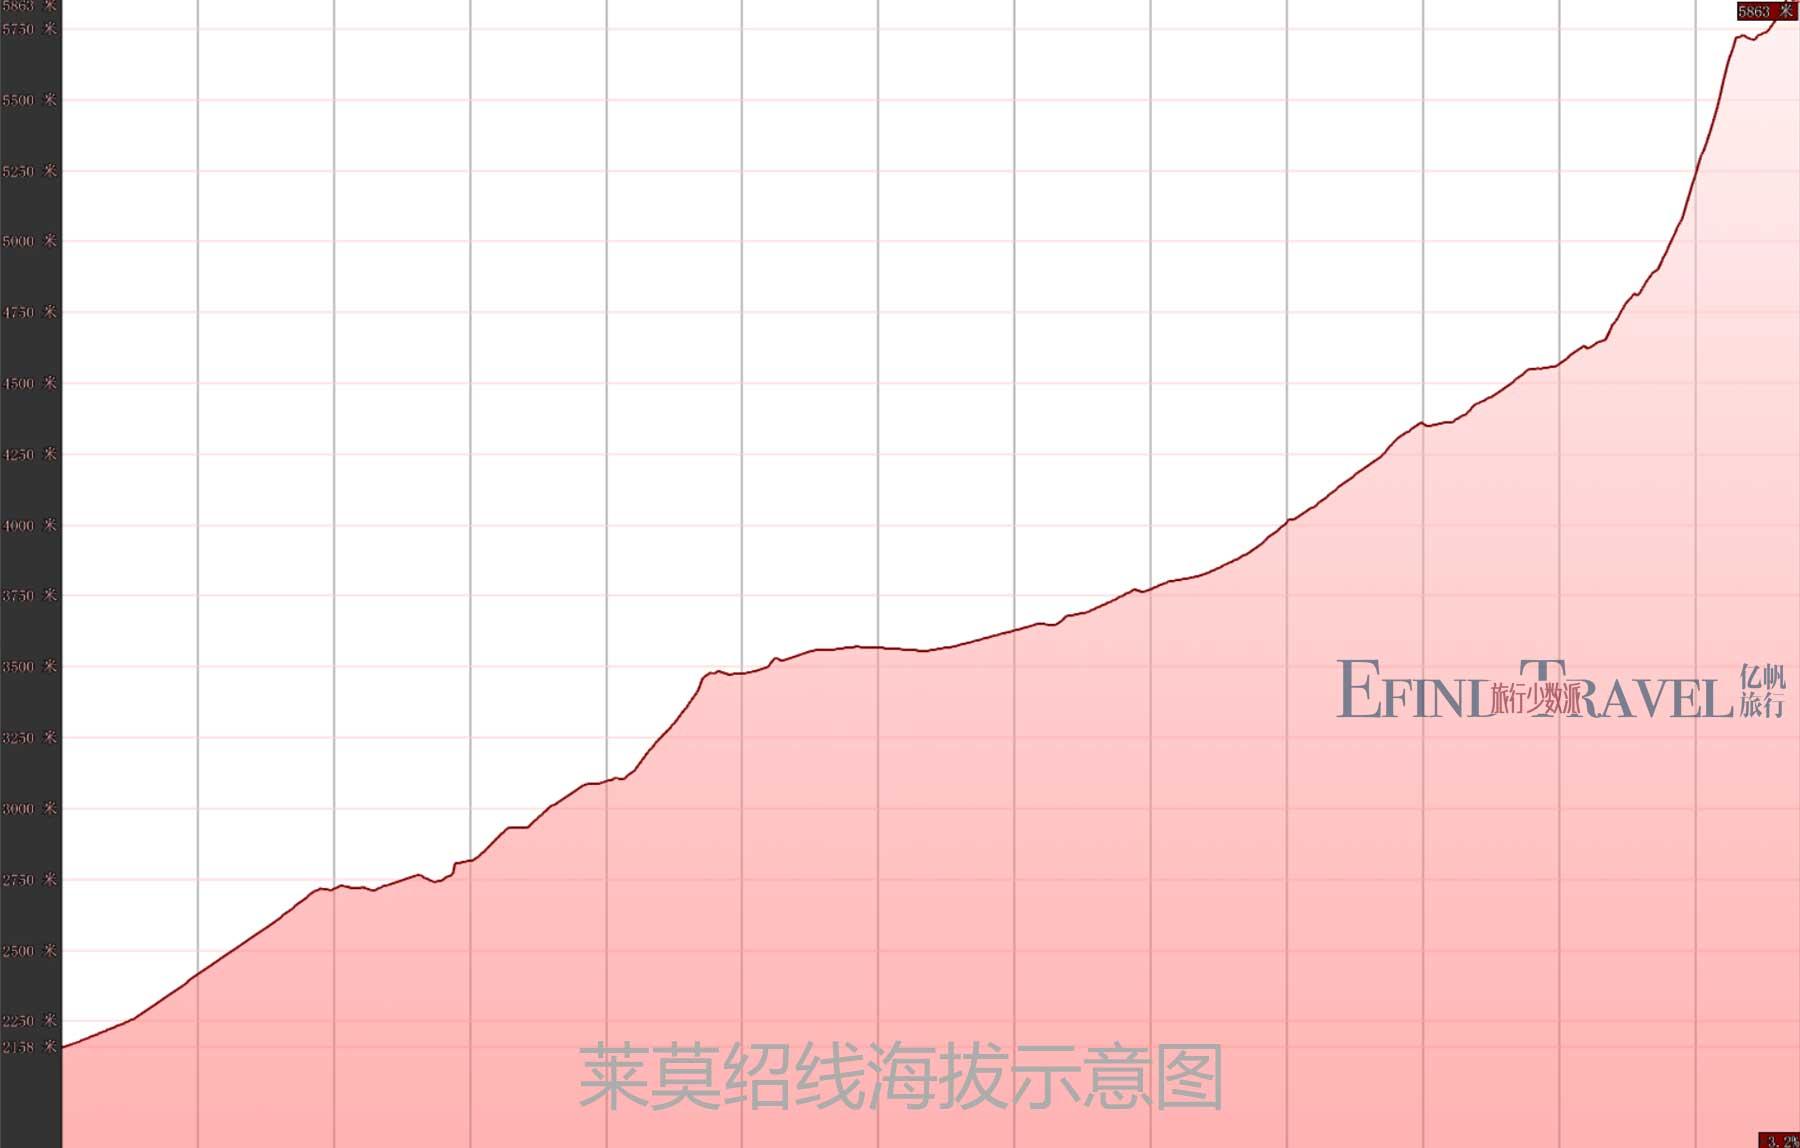 莱莫绍线登山海拔示意图